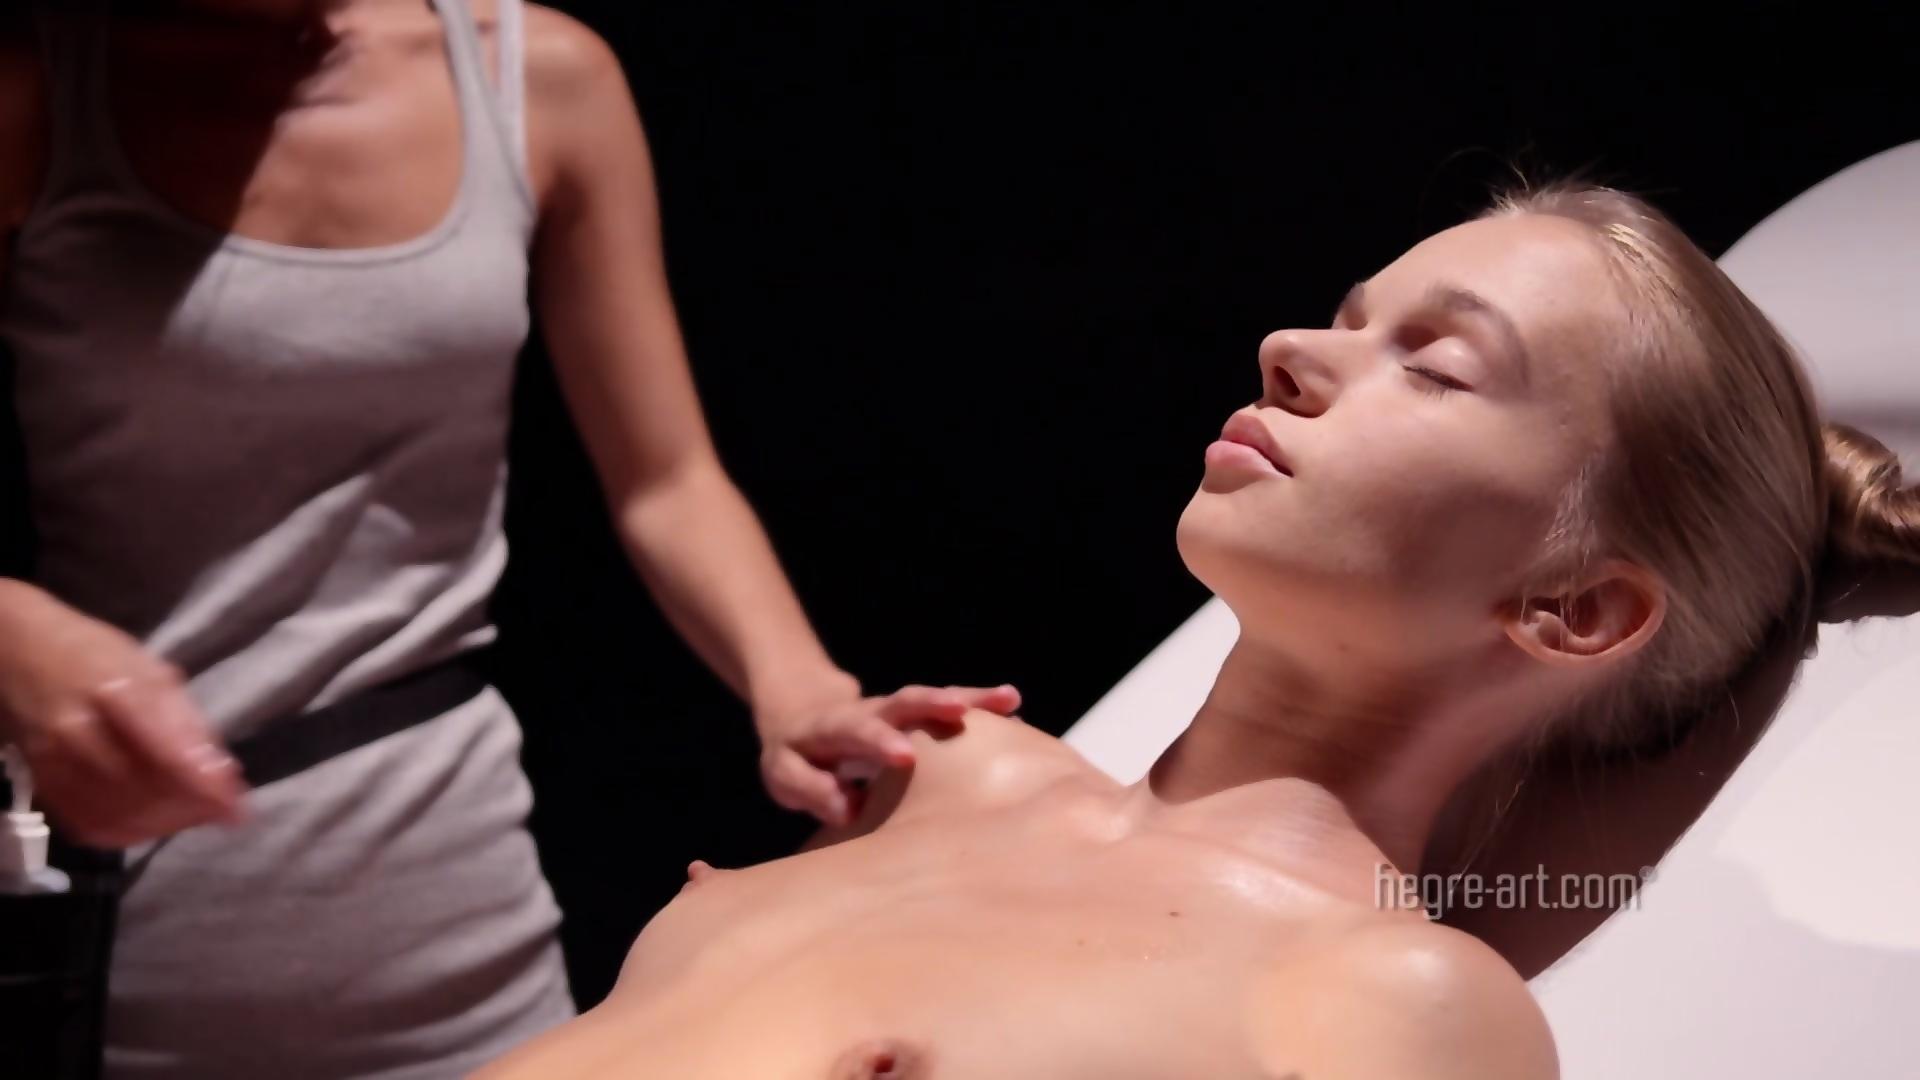 massage älvsjö porr i hd